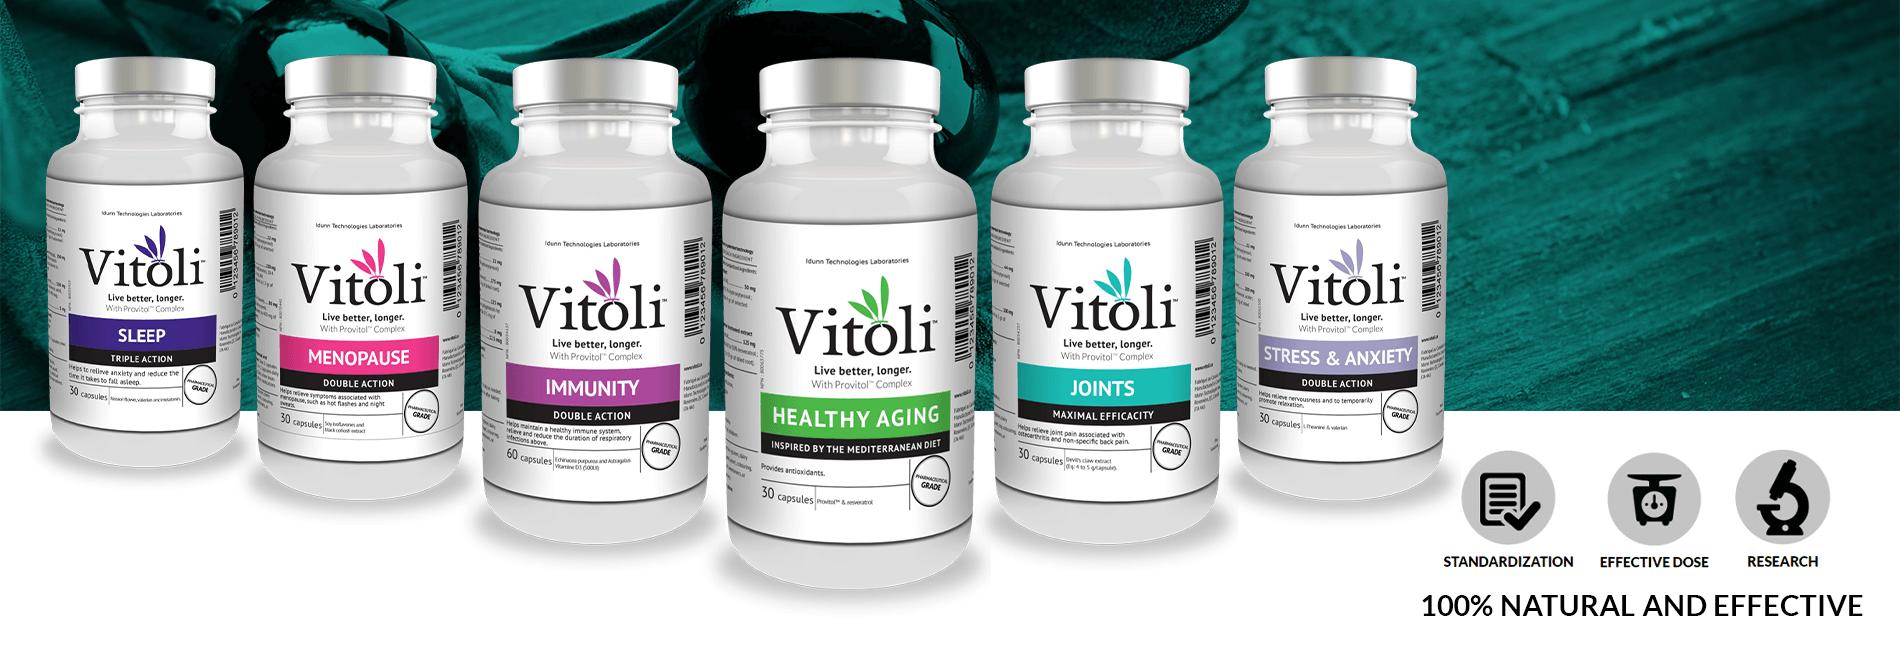 Bottles of Vitoli products